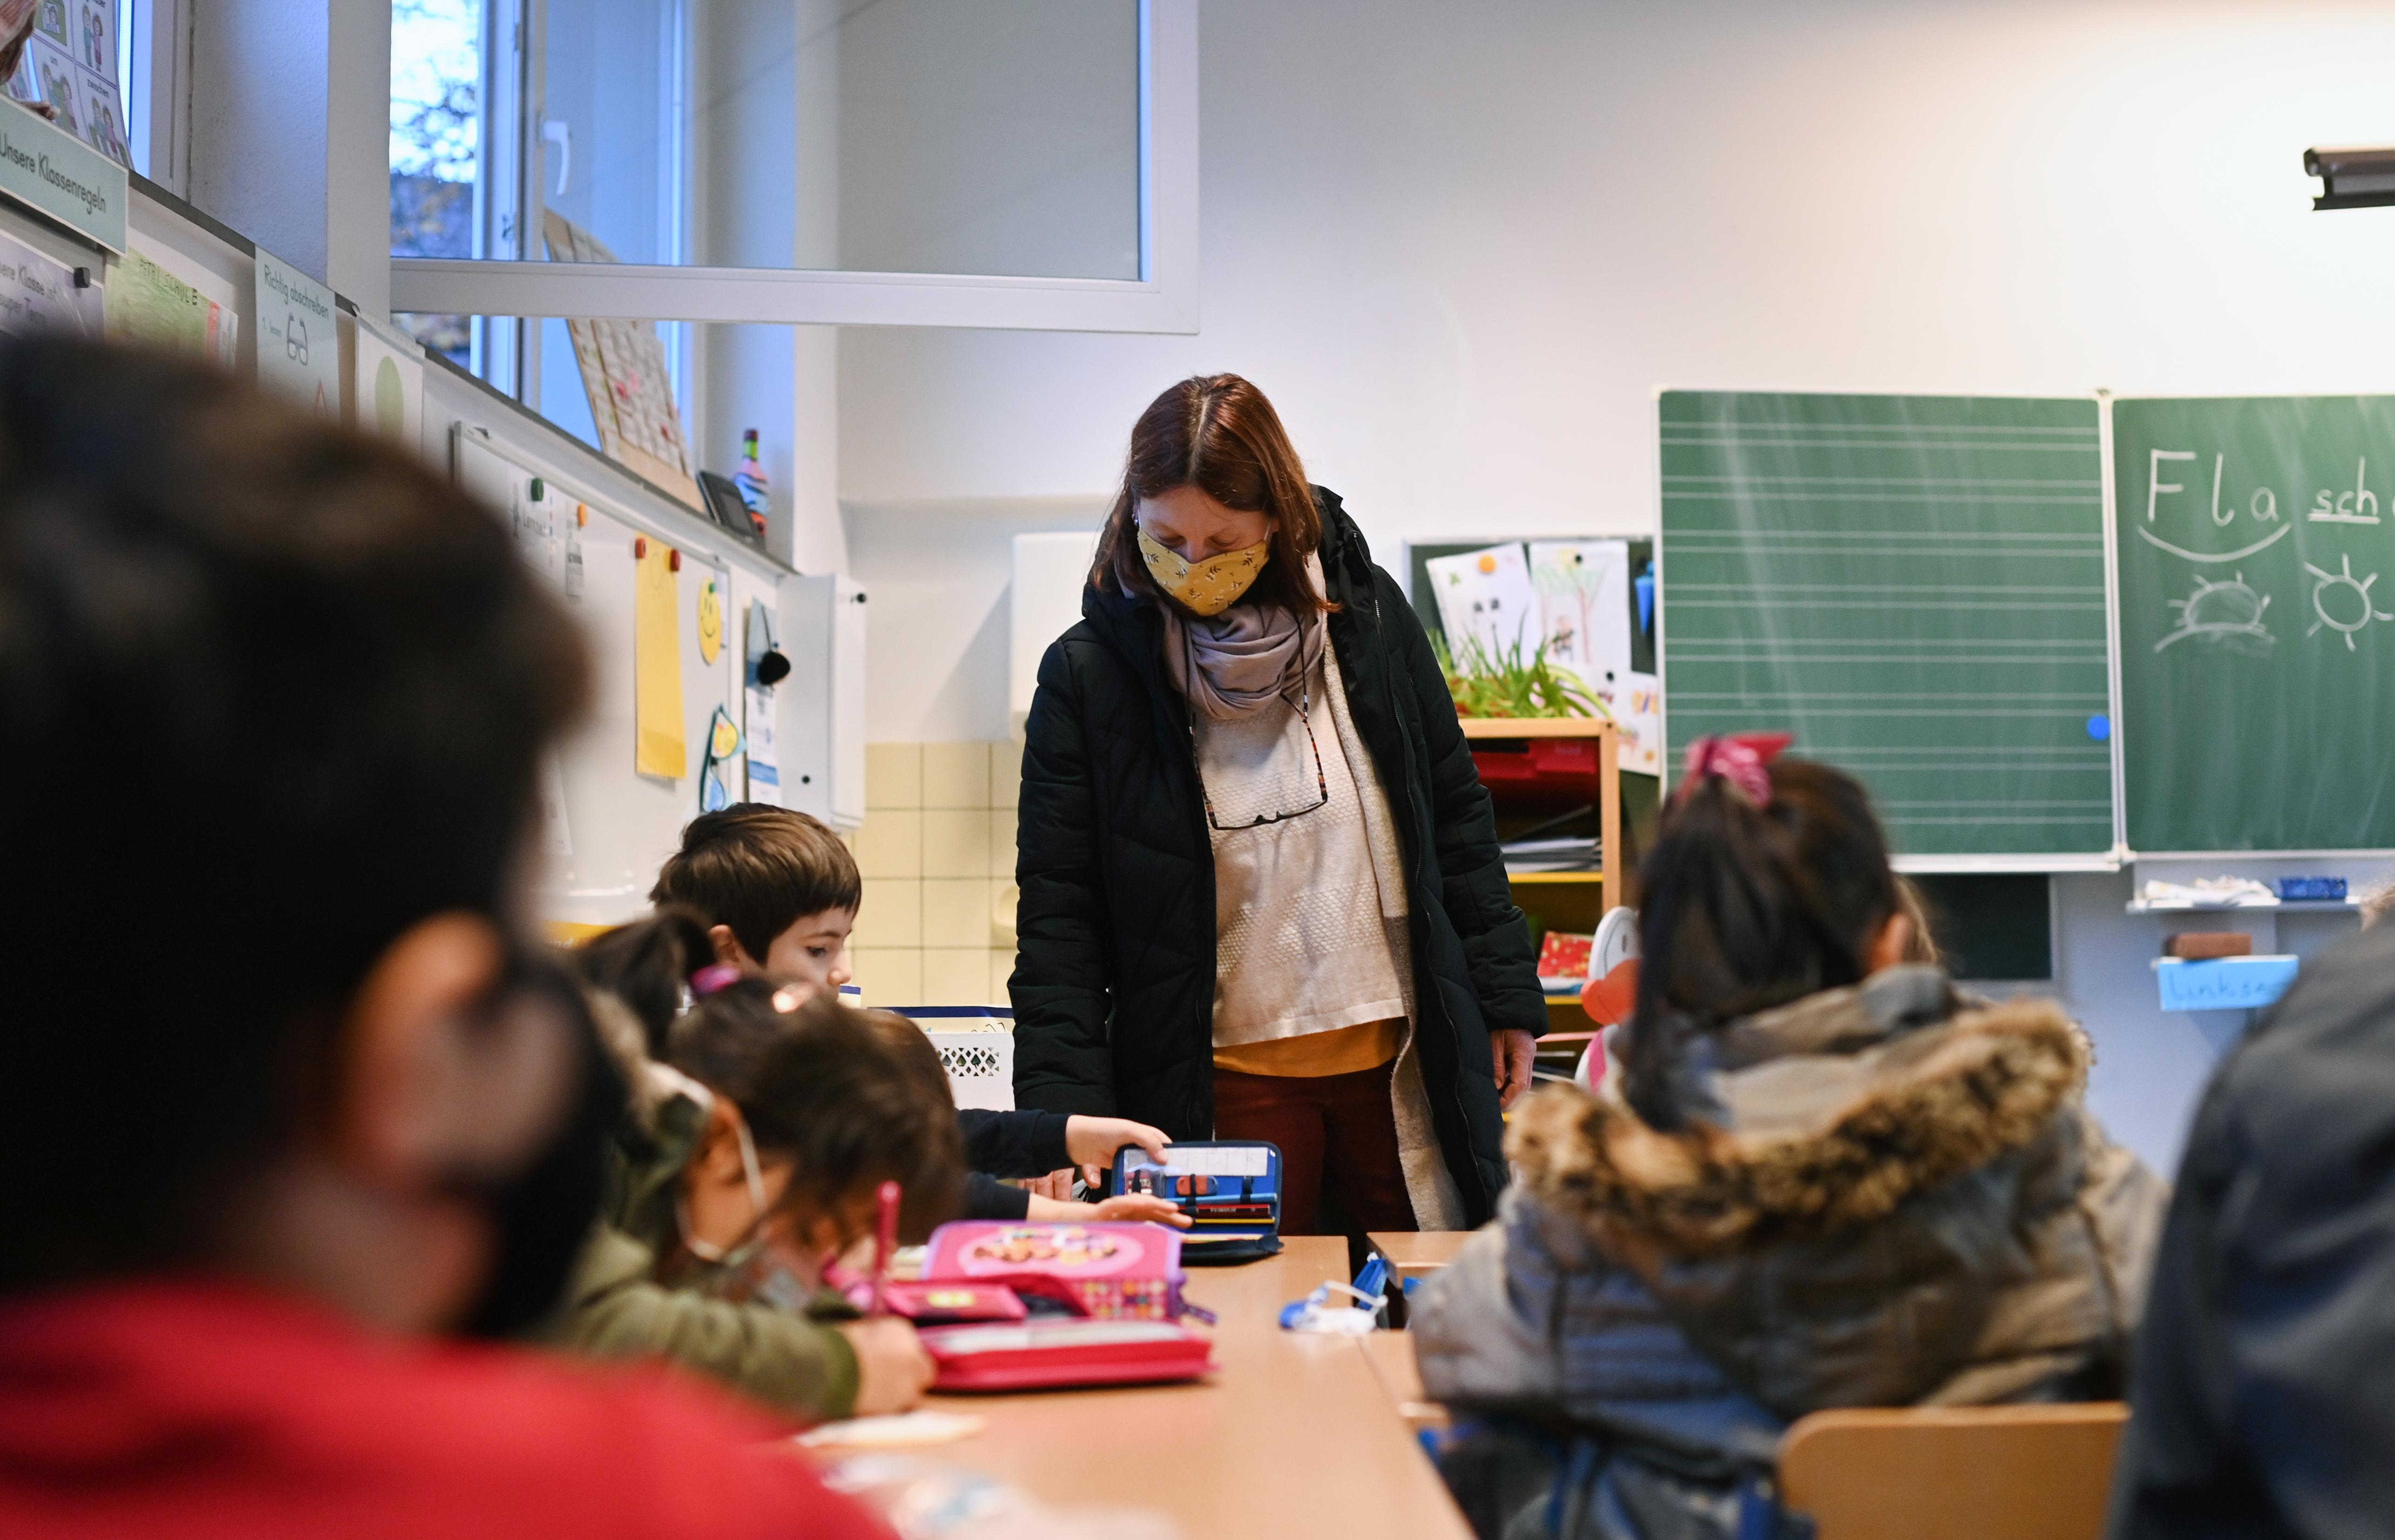 """Rétvári szerint a keleti vakcináknak köszönhetően """"a magyar pedagógusok hamarabb lesznek beoltva, mint az EU többi tagállamának pedagógusai"""""""